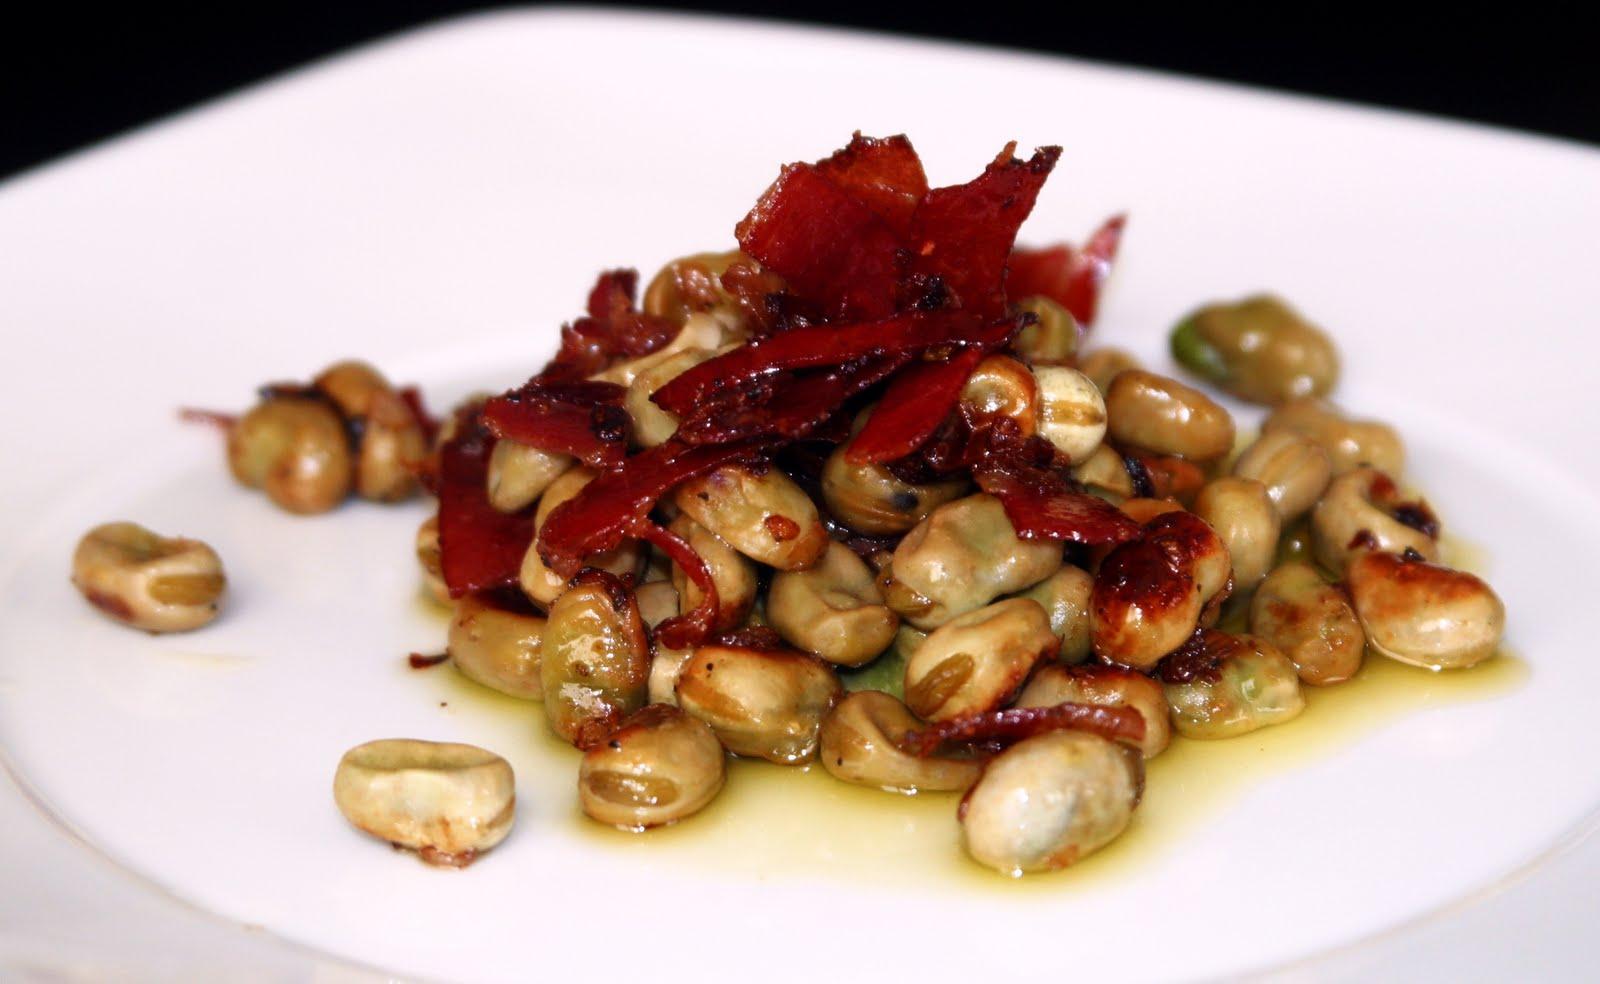 Caroline s creative food habas con jamon - Habas tiernas con jamon ...